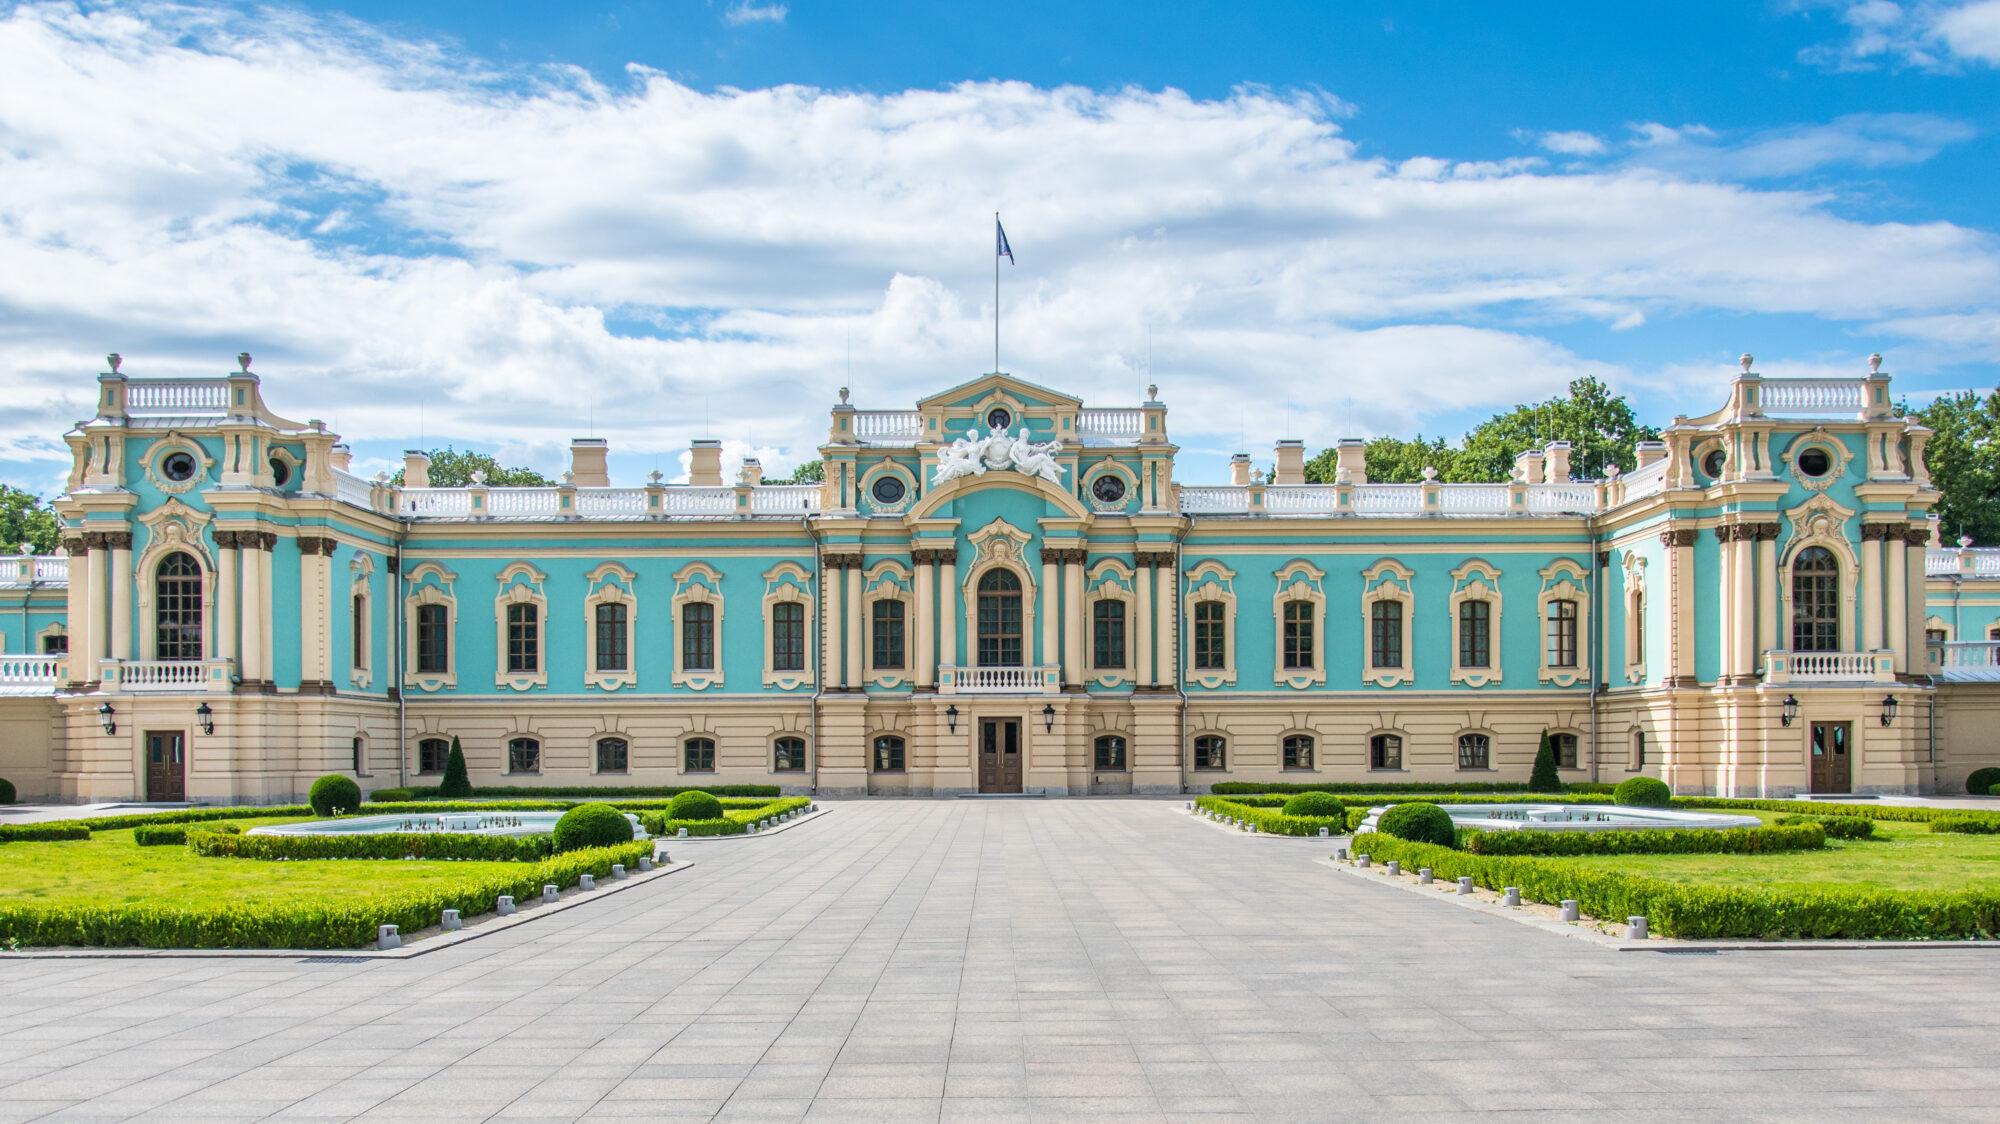 У Києві після ремонту відкрився Маріїнський палац - Реставрація, екскурсії - Mariyinskyj palats v Kyyevi cropped 2000x1124